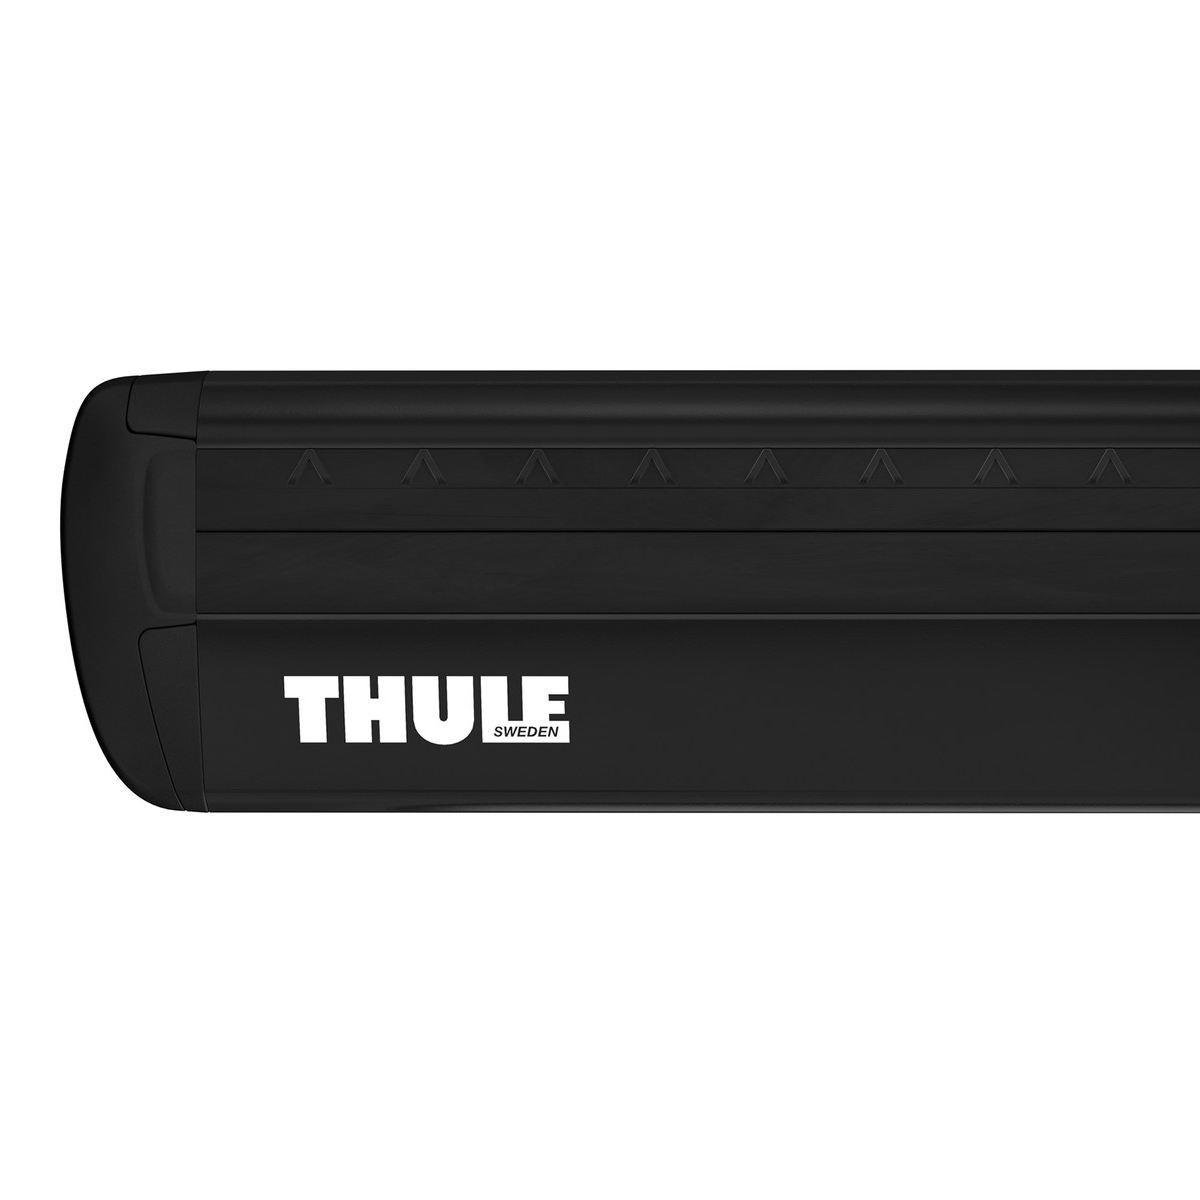 Напречни греди Thule Evo Raised Rail WingBar Evo 127cm в Черно за MERCEDES GL (X164) 5 врати SUV 06-12 с фабрични надлъжни греди с просвет 6